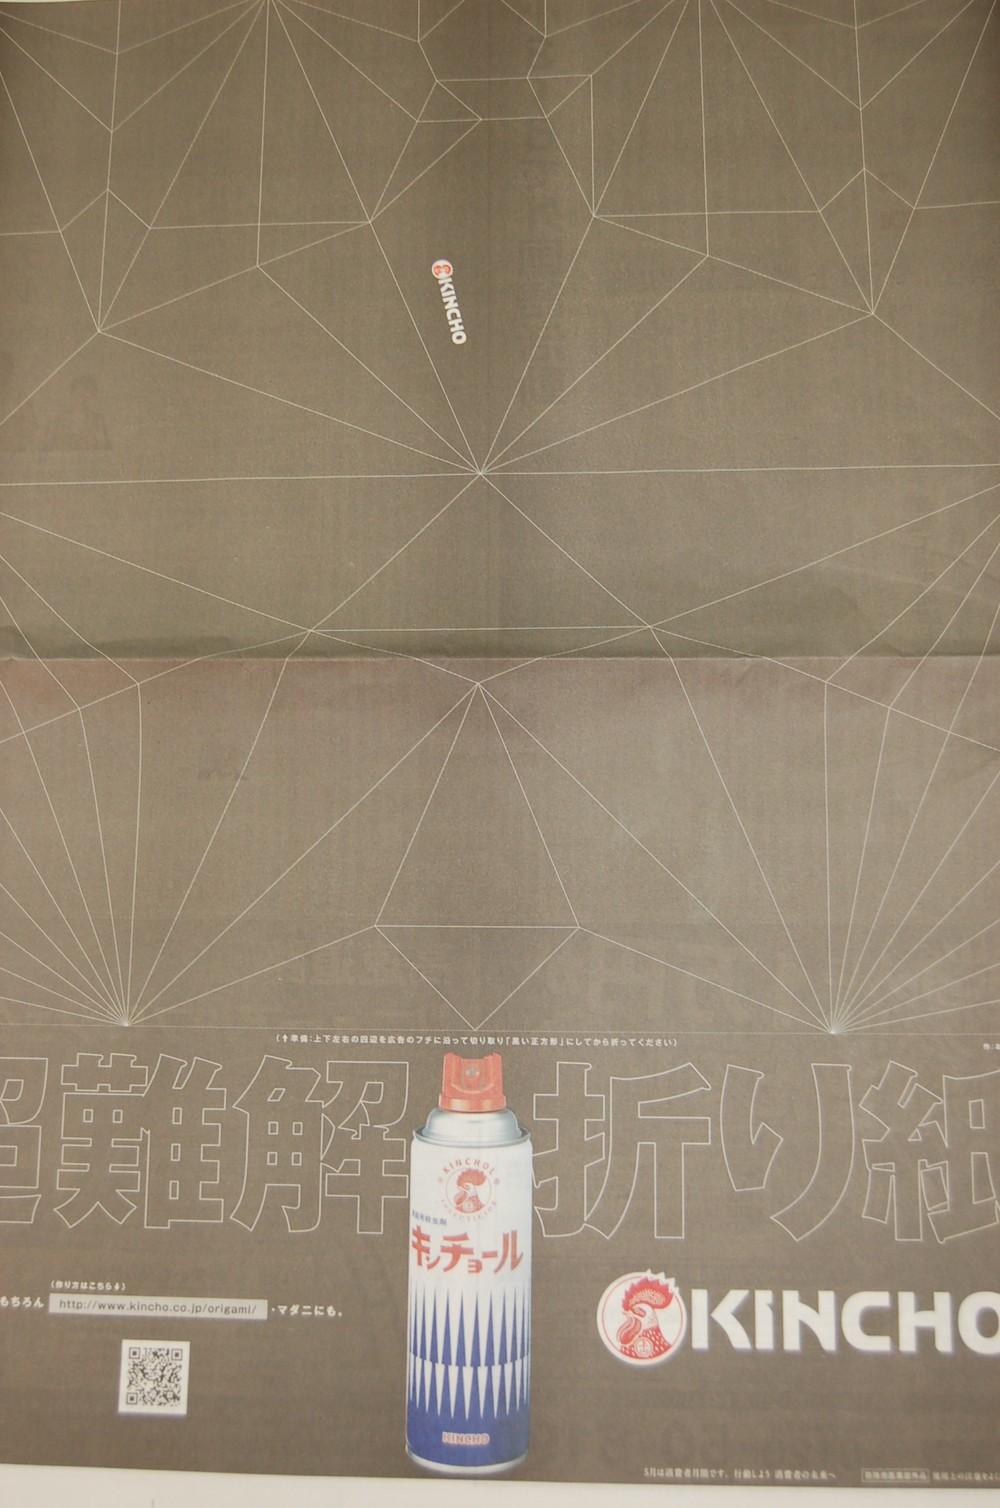 ゴキブリ折り紙「超リアル」に悲鳴  キンチョール新聞広告が大反響